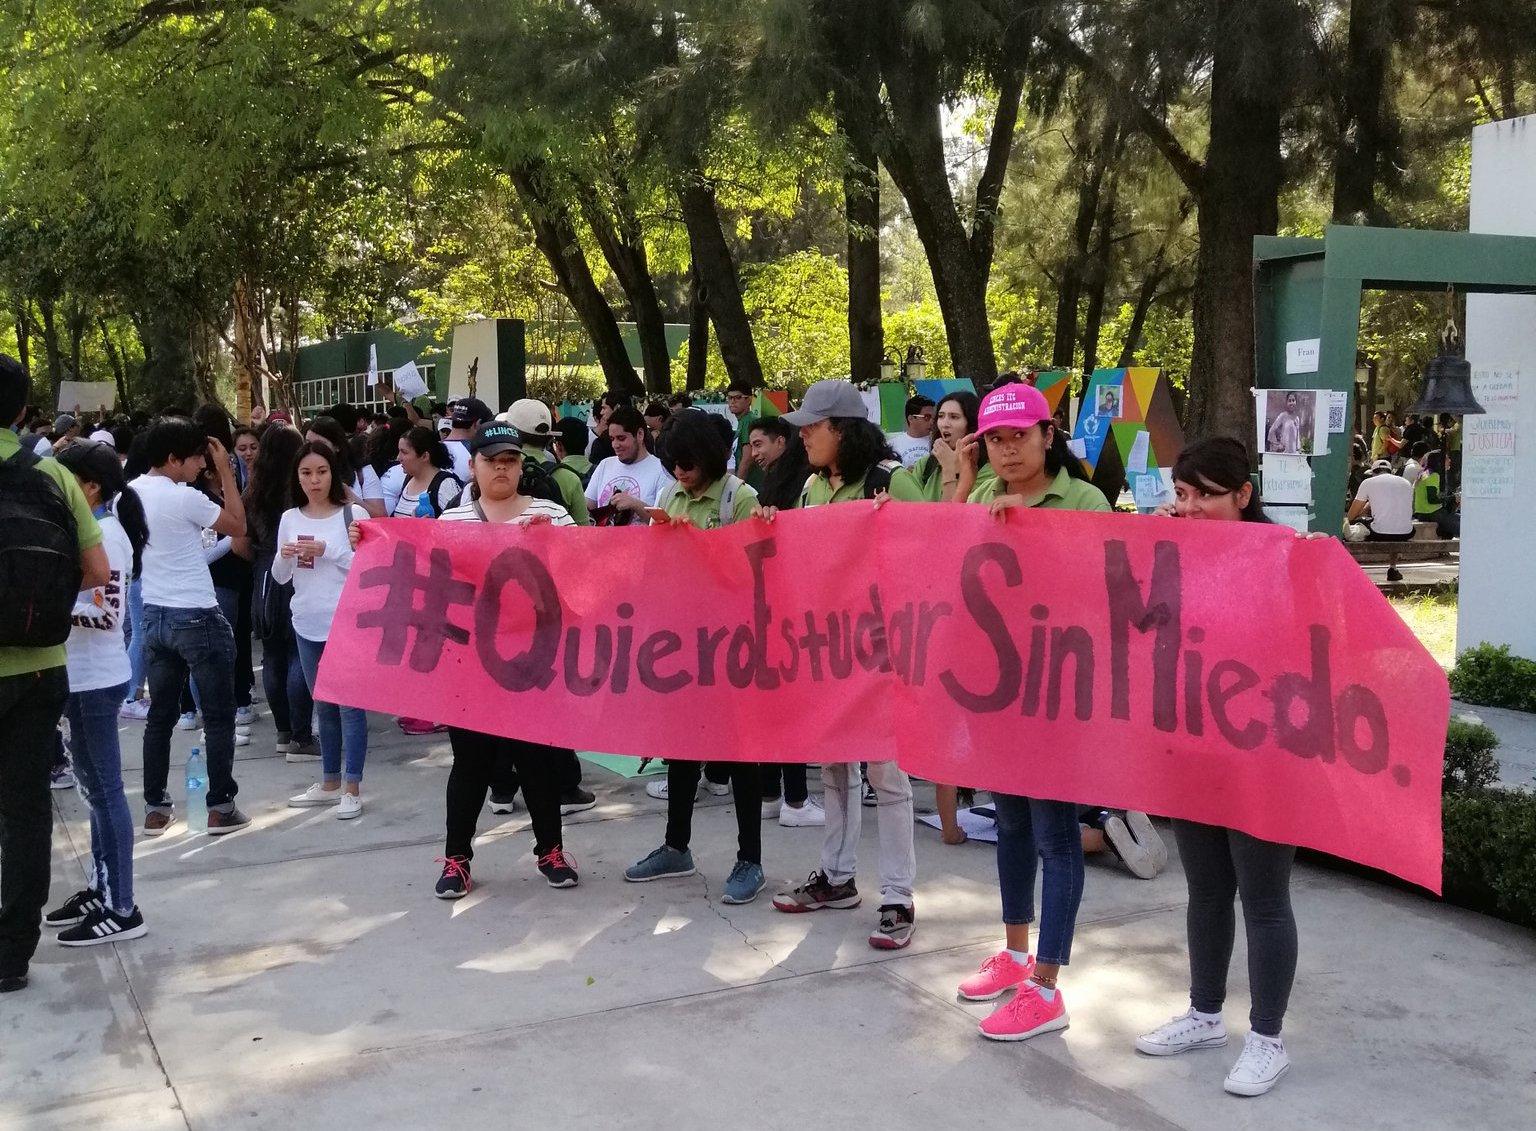 La exigencia de los jóvenes. Foto: ItcelayaOficial